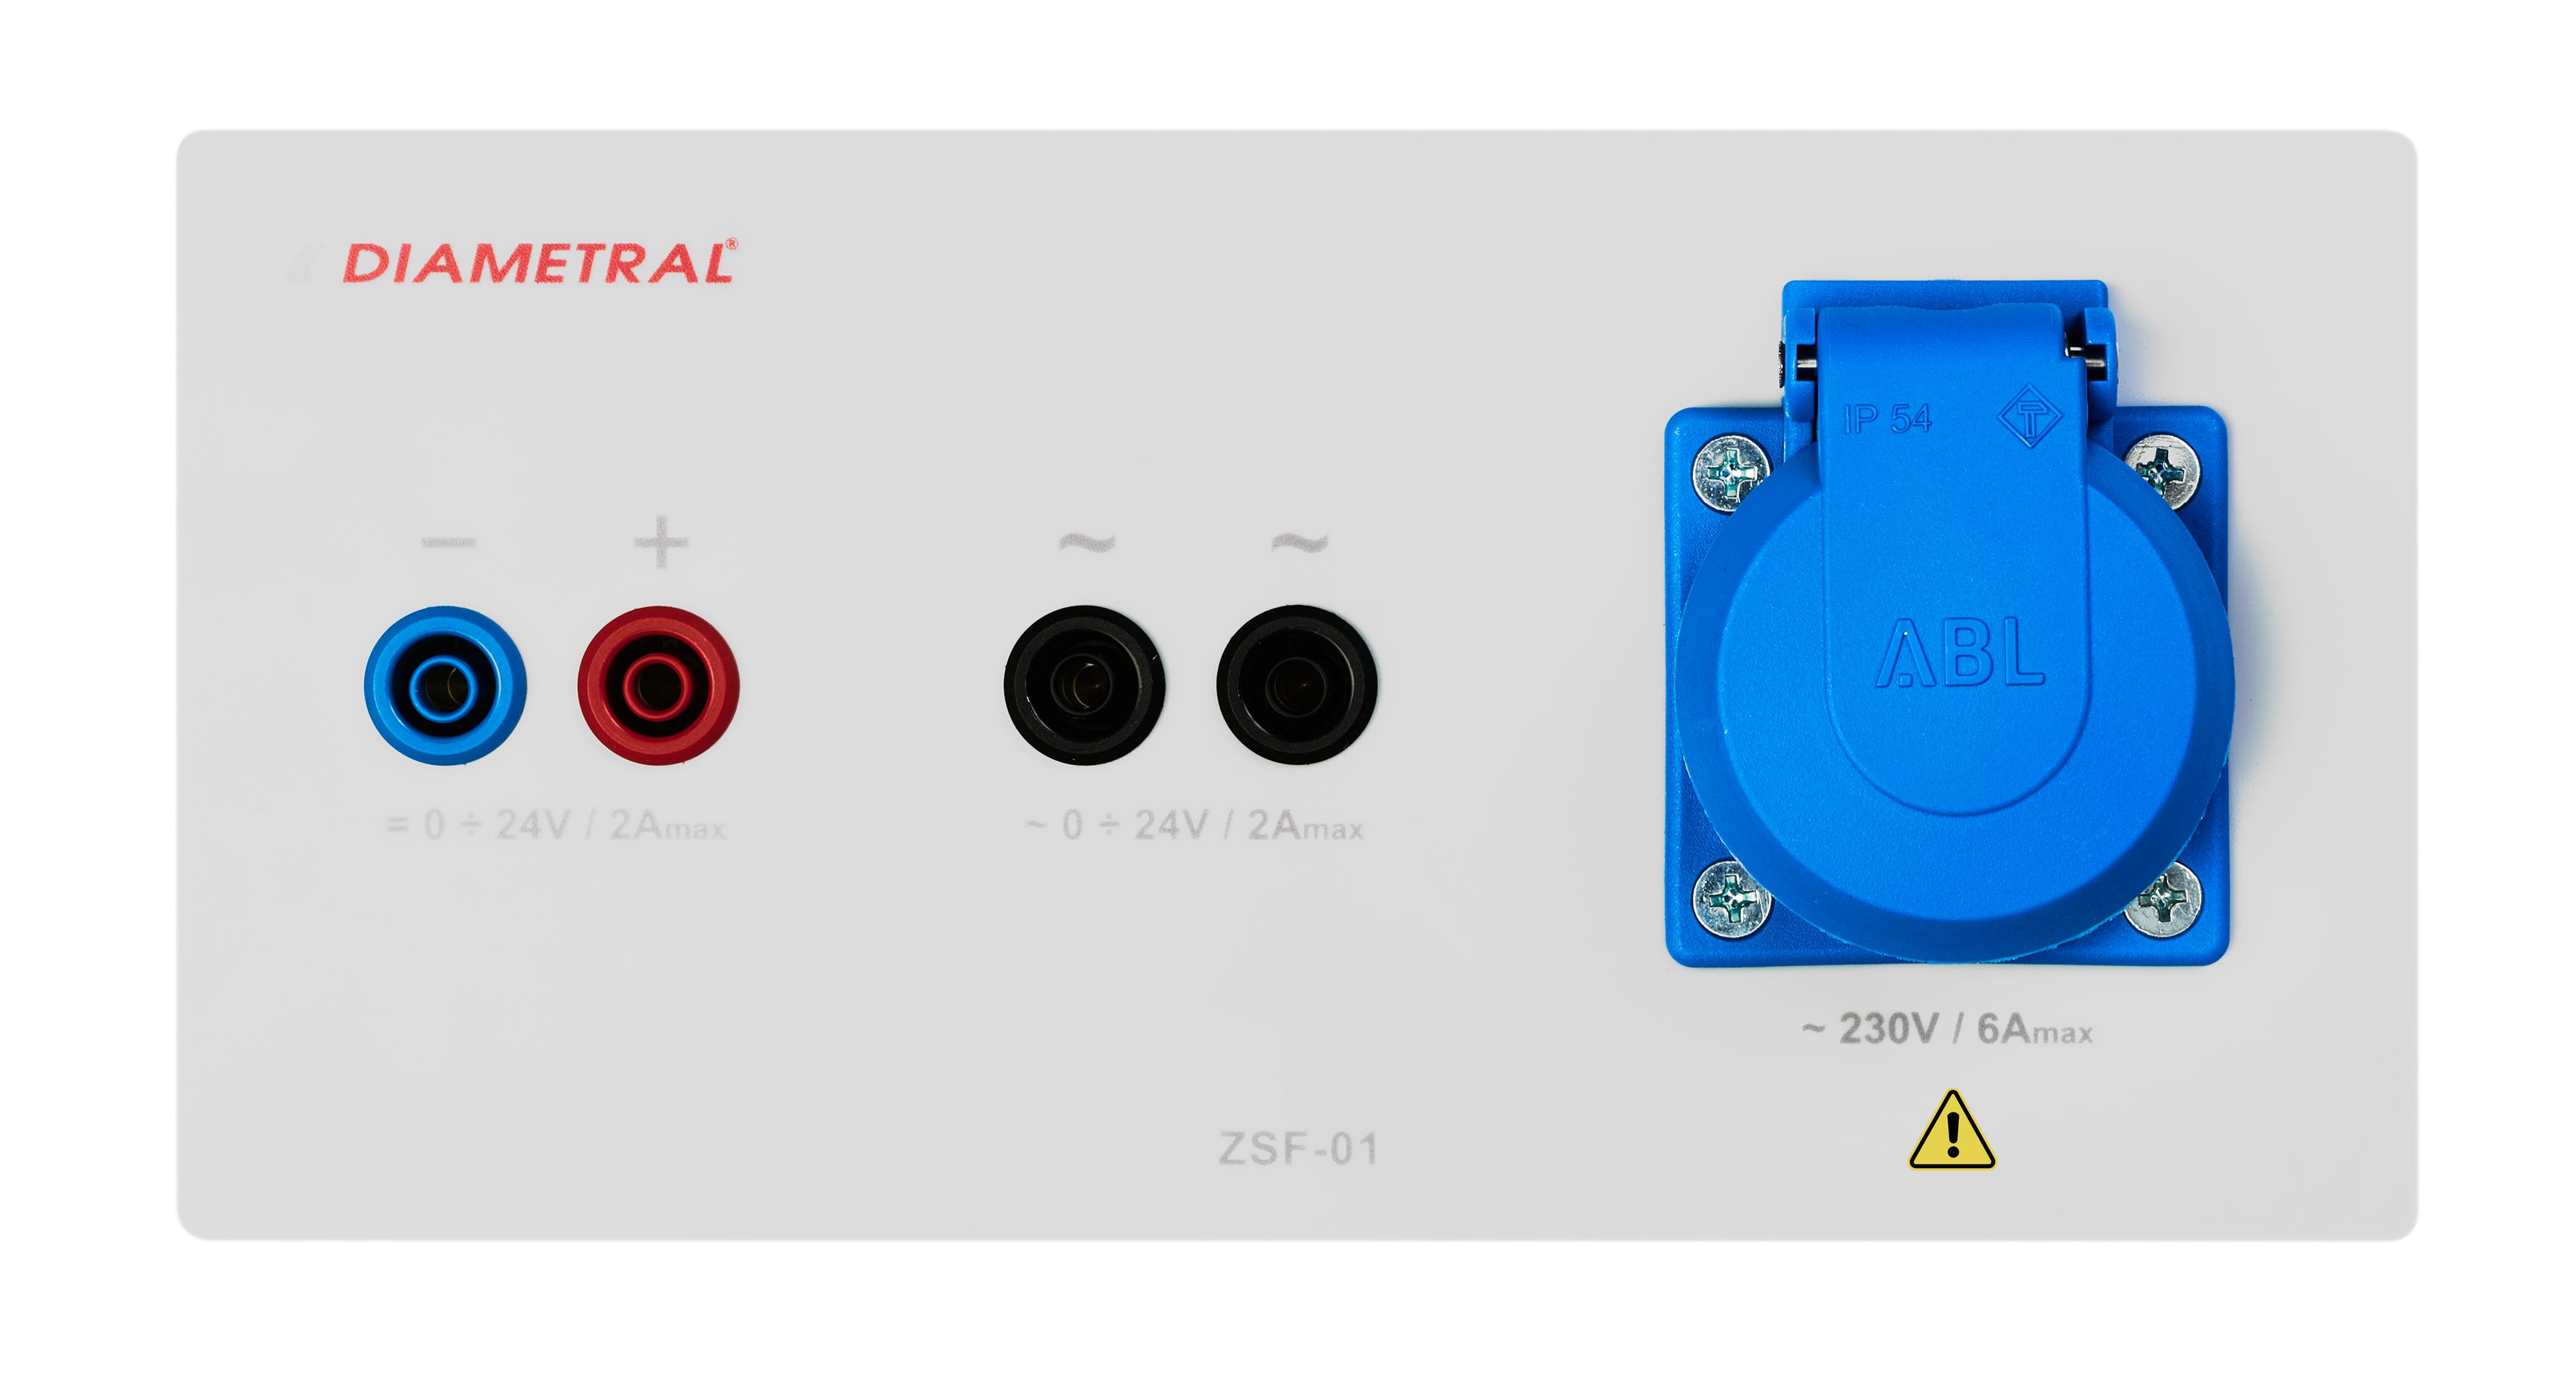 Energetik ZSF-01